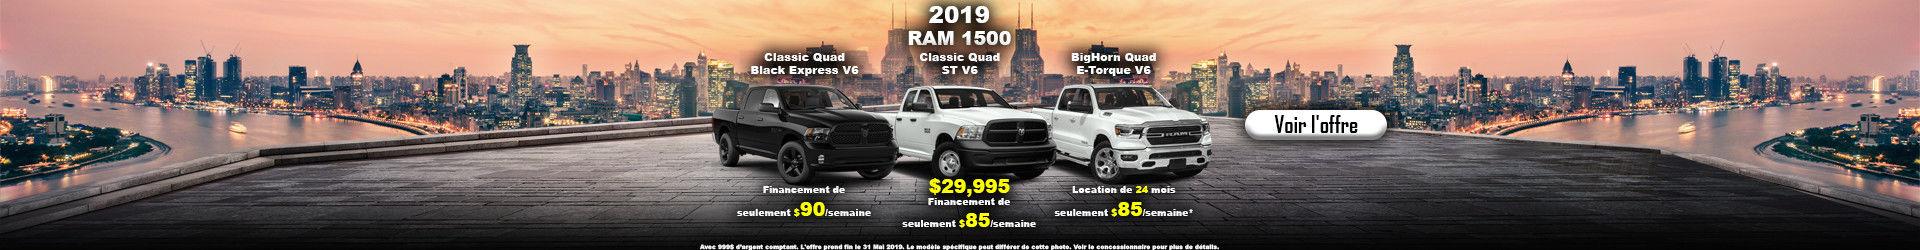 Promo RAMs